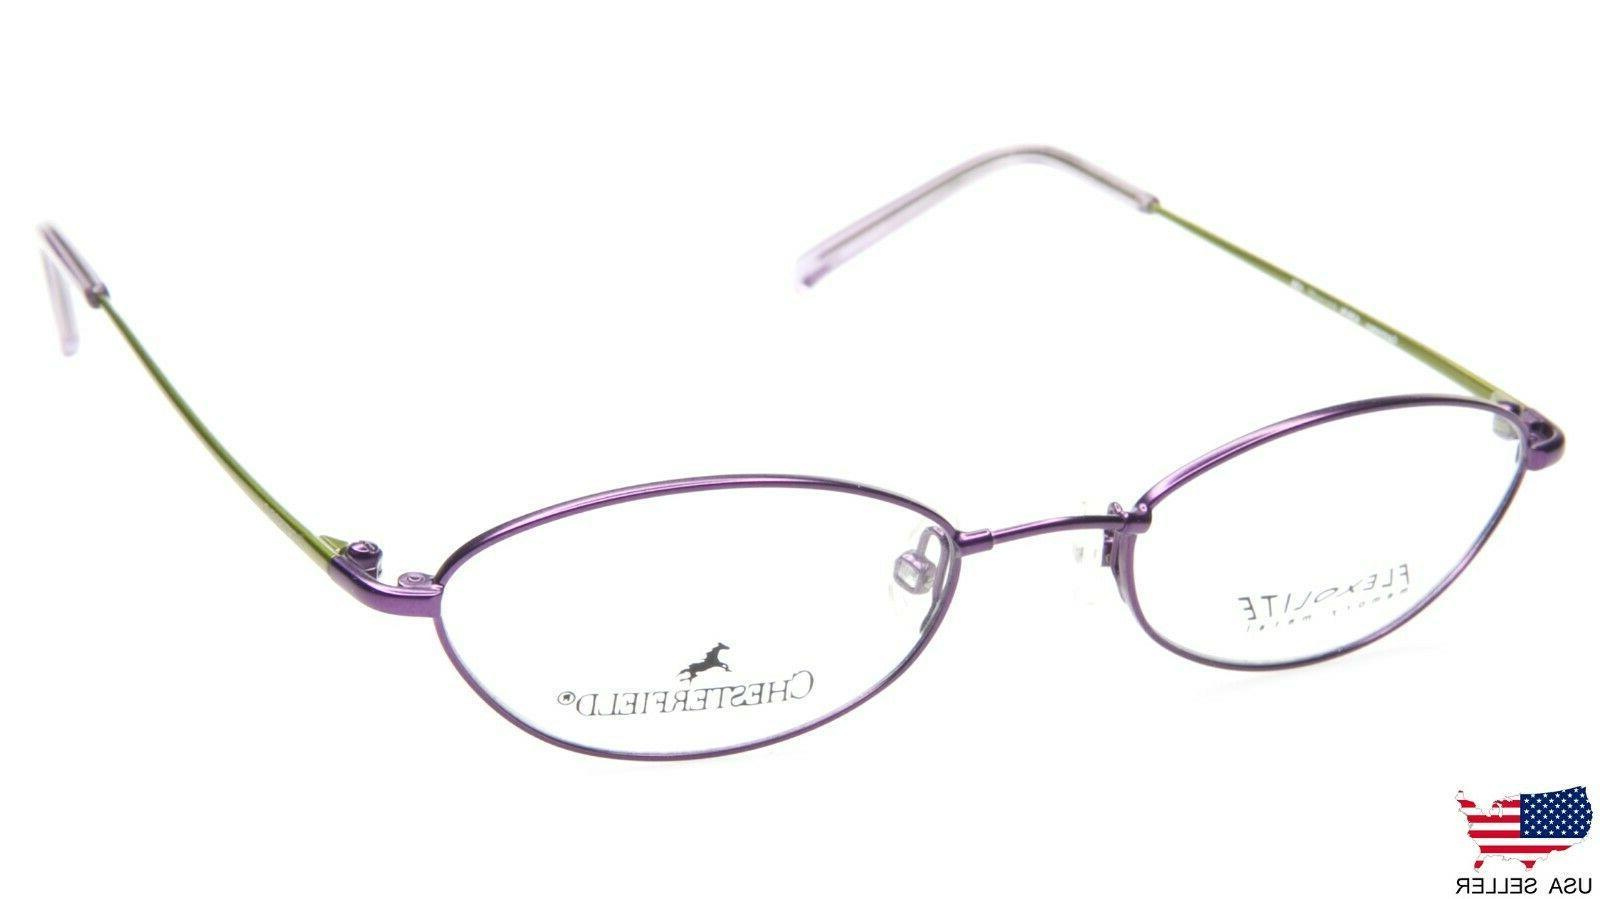 new 439 n 0su5 violet eyeglasses glasses